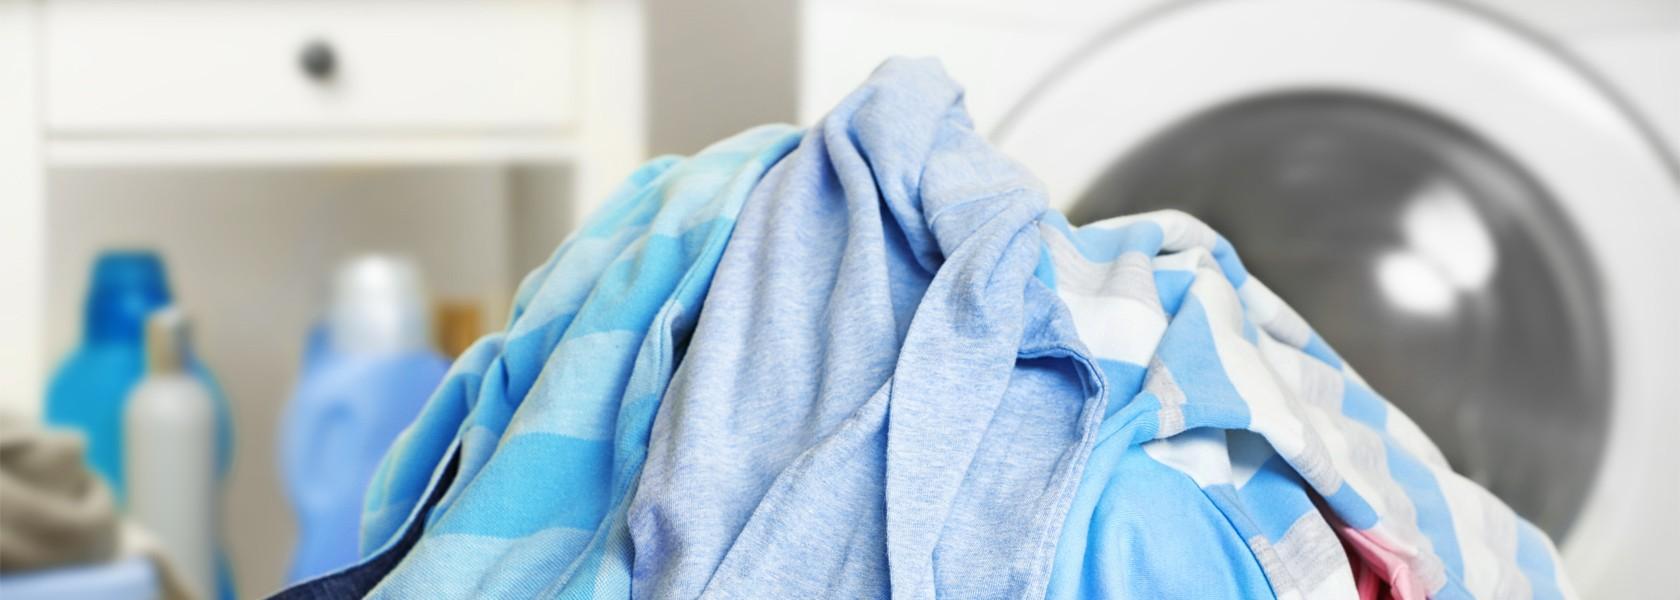 Ein Berg bunter Wäsche, im Hindergrund verschwommen eine Waschmaschine.